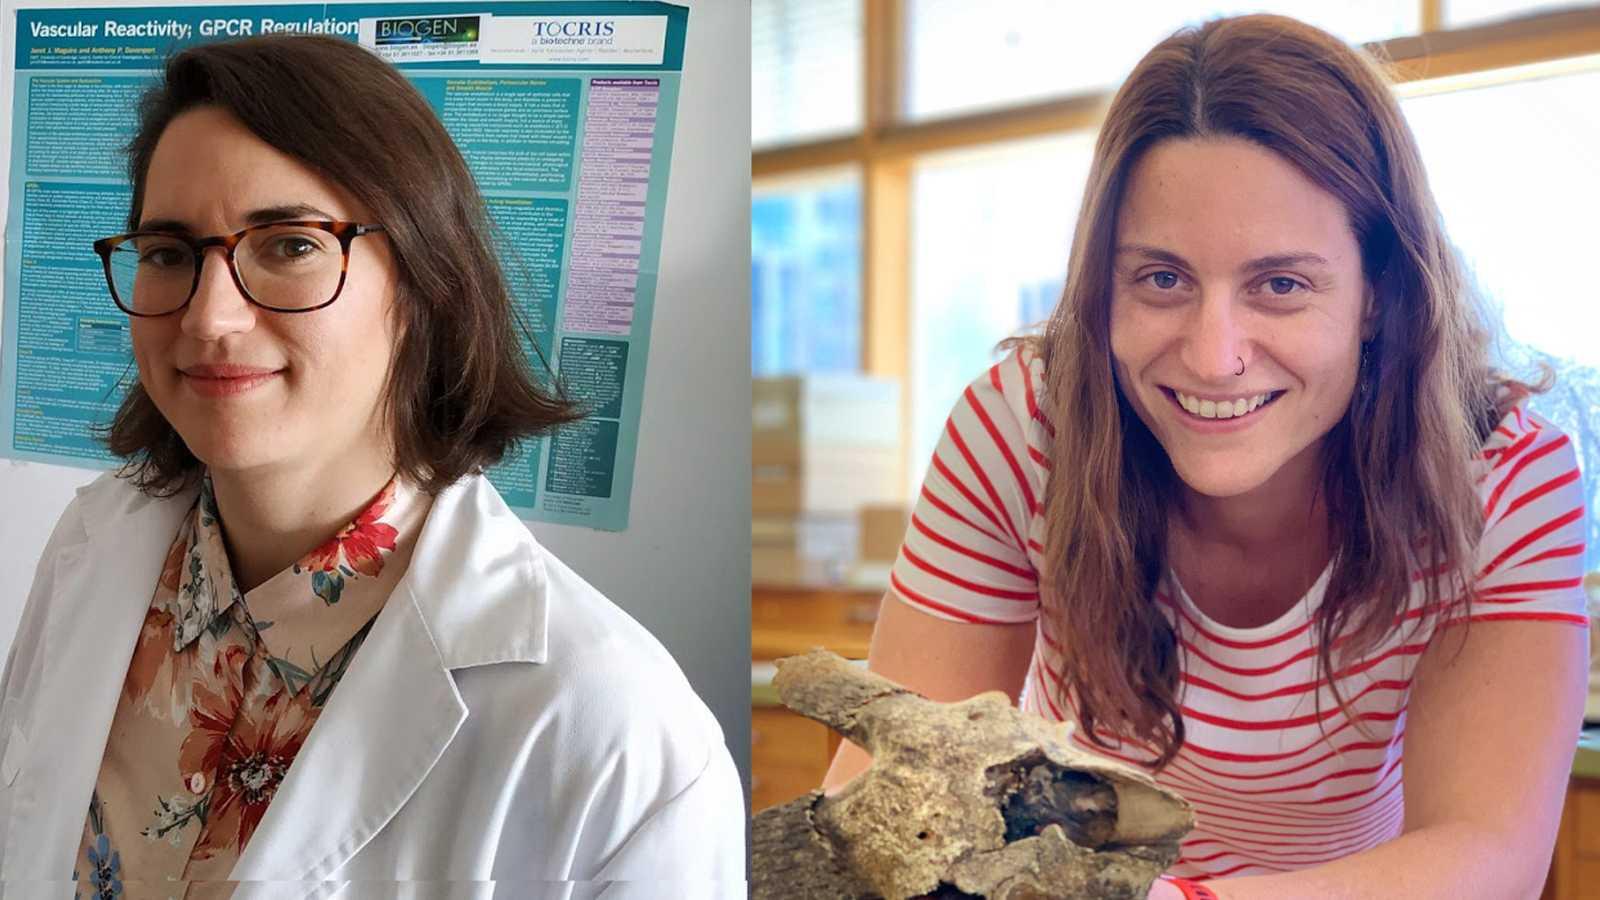 Punto de enlace - La Ciencia en femenino - 09/02/21 - escuchar ahora